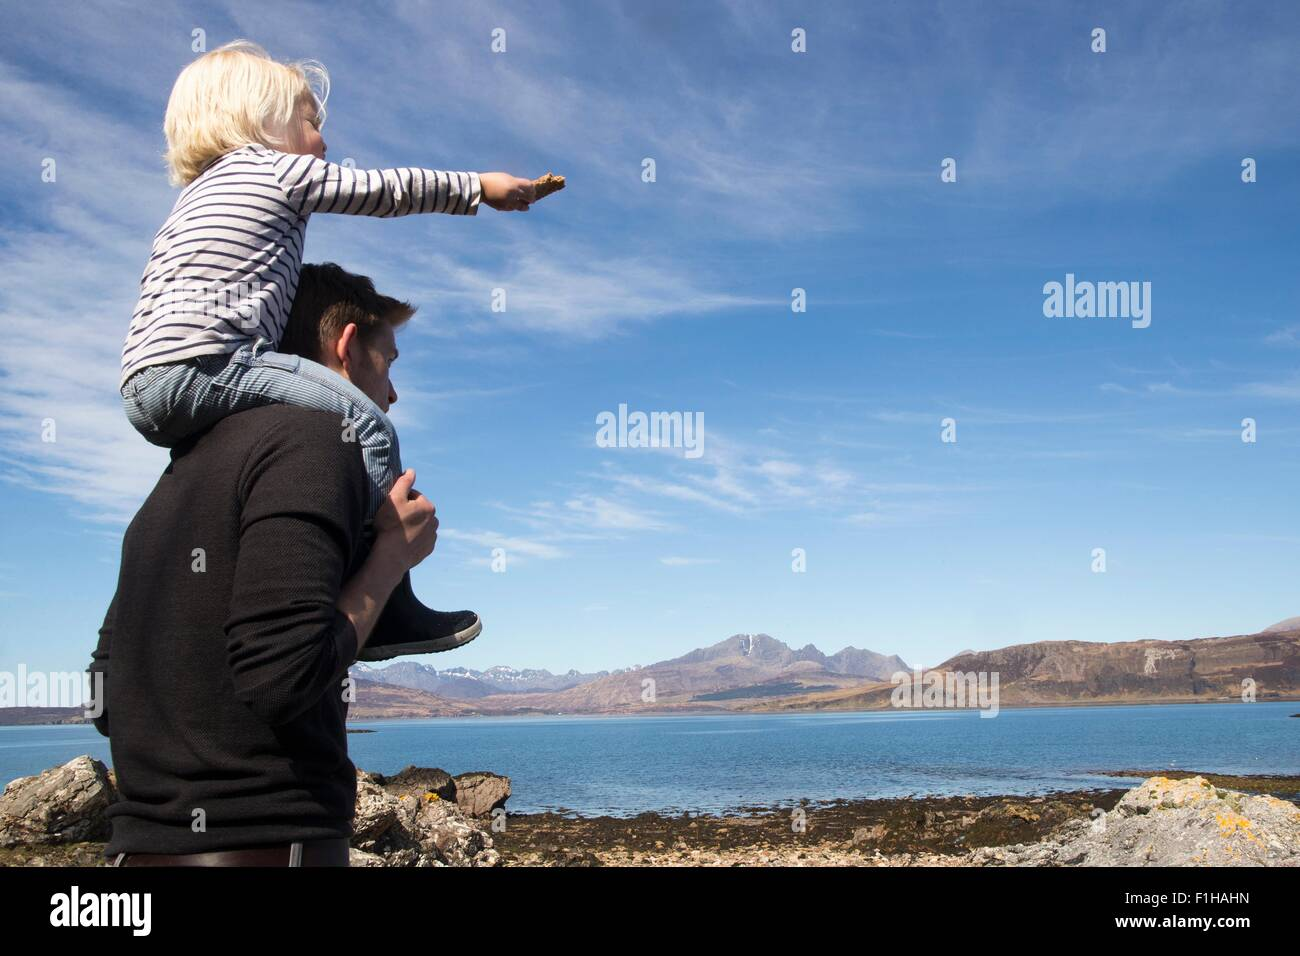 Père exerçant son fils sur les épaules, le Loch Eishort, île de Skye, Hébrides, Ecosse Photo Stock